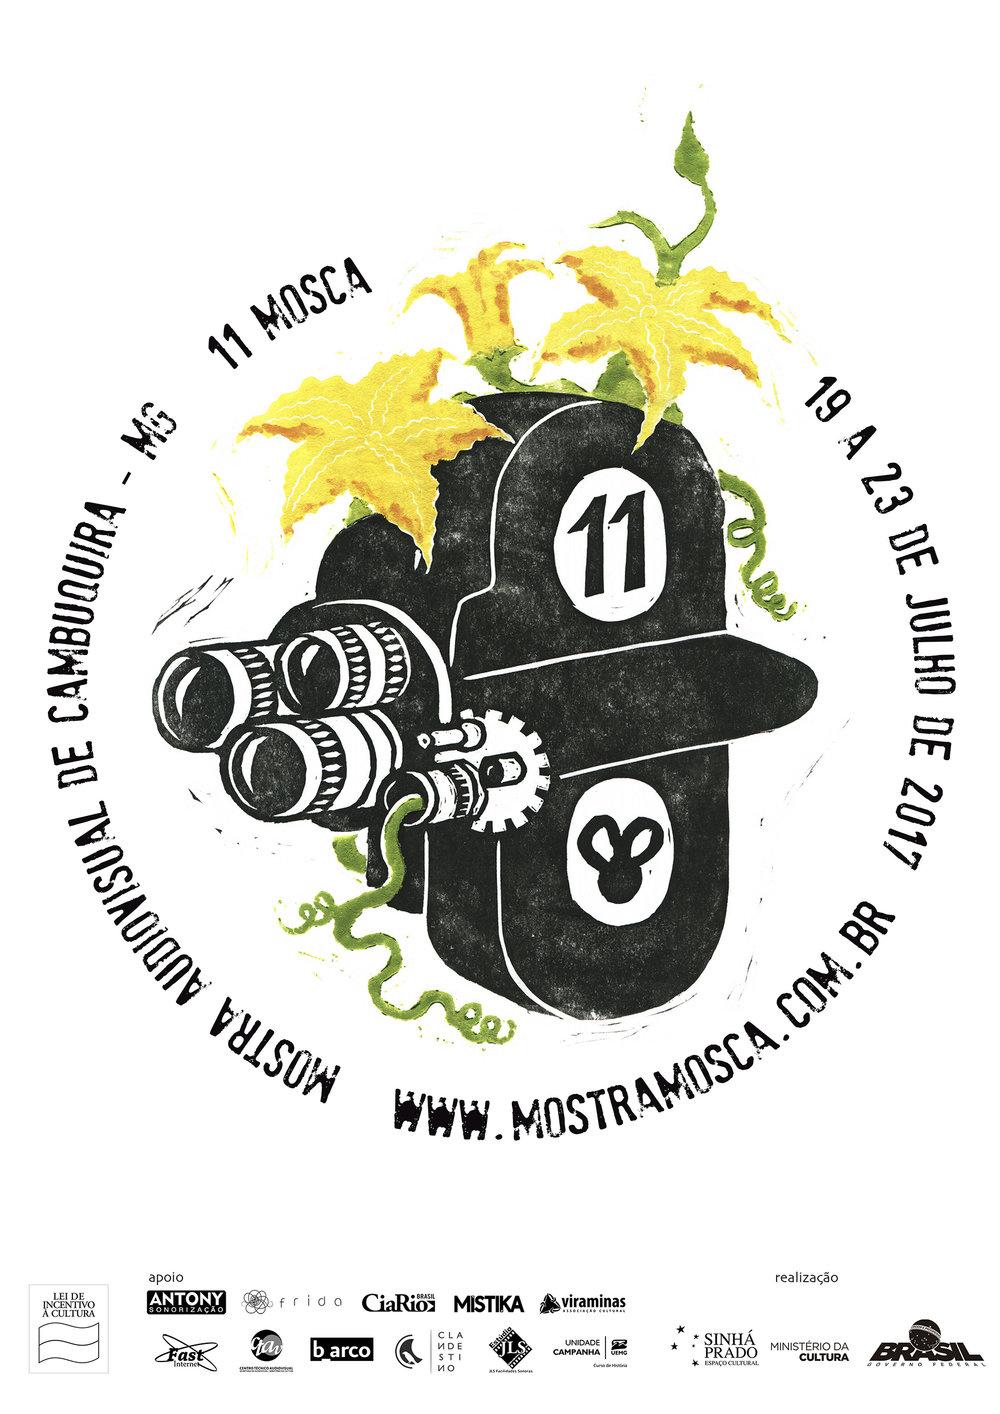 Cartaz MOSCA 11 - arte final_impresso tamanho A3_versao em baixa.jpg